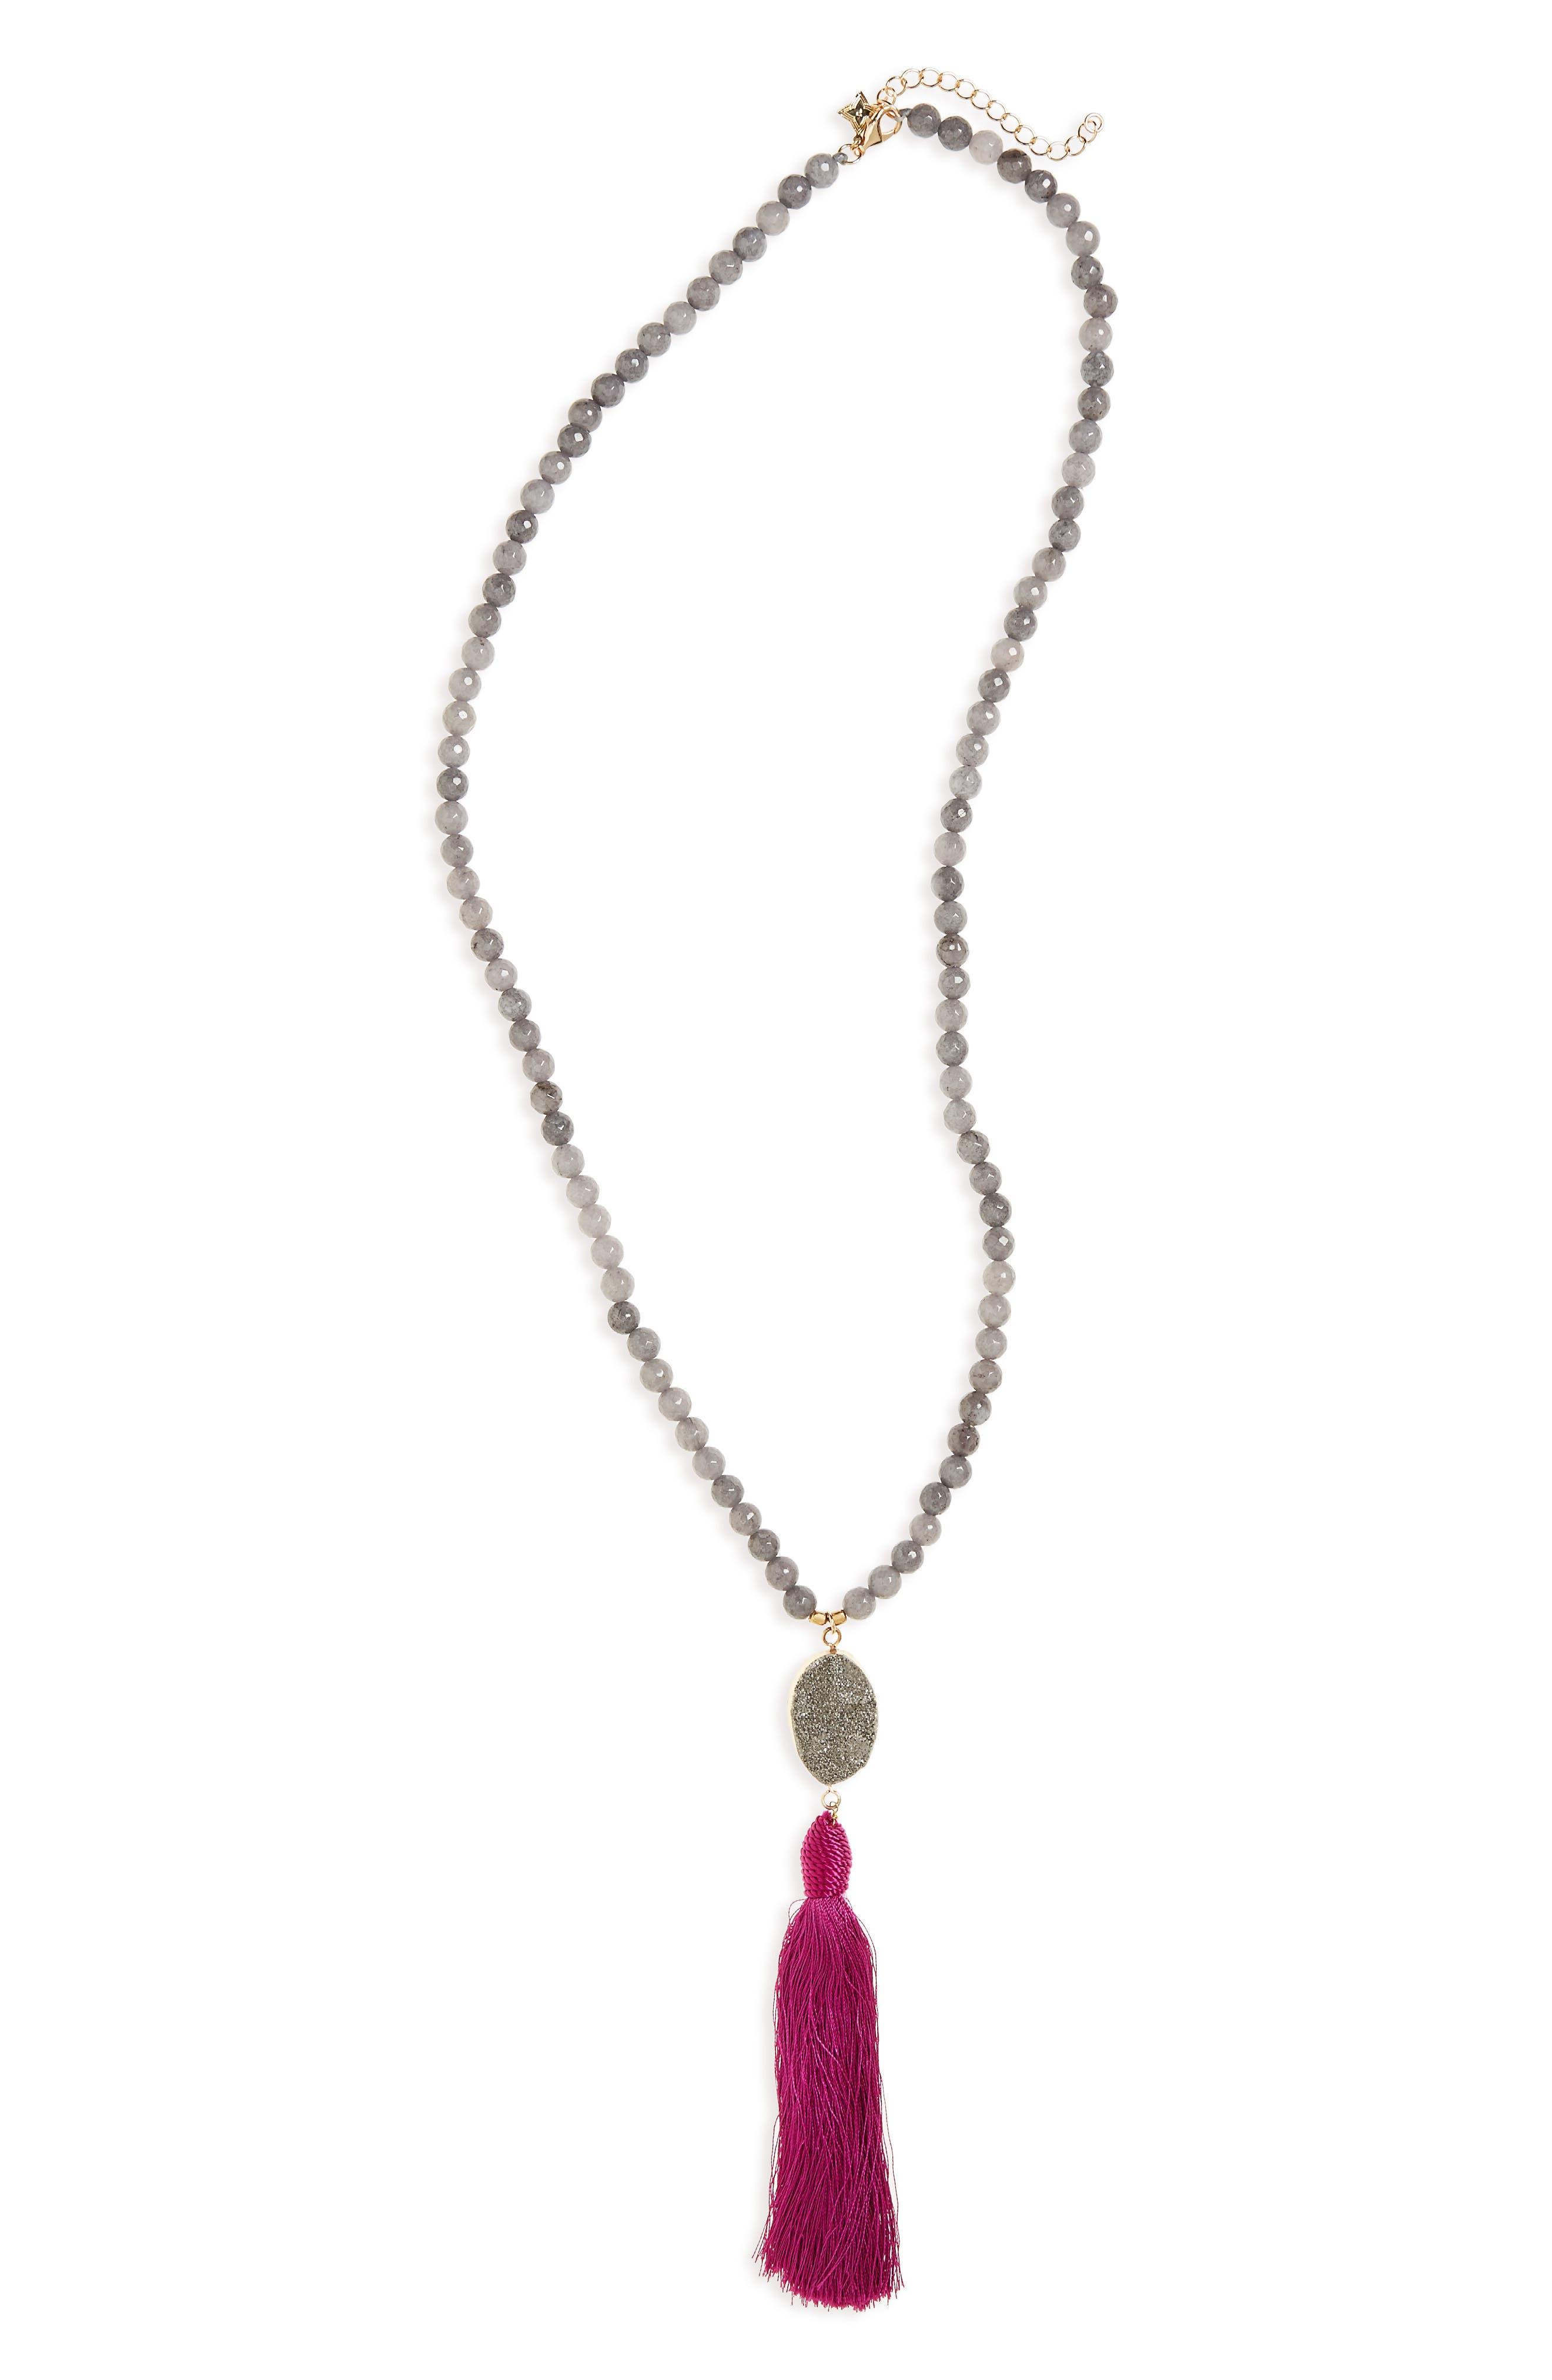 Tassel Pendant Necklace,                         Main,                         color, Multi/ Grey